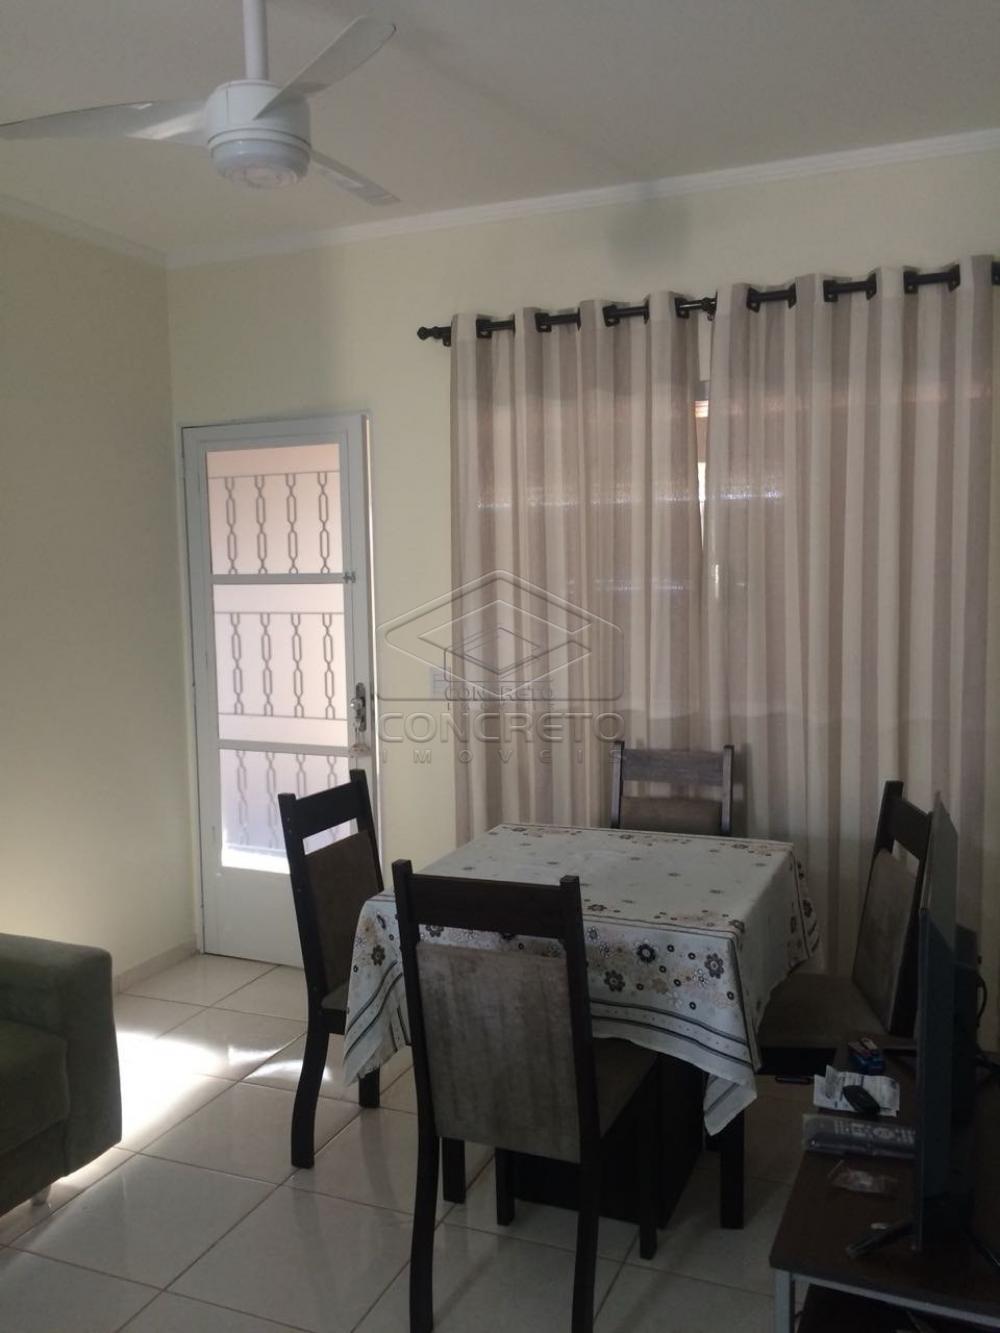 Alugar Casa / Padrão em Bauru apenas R$ 951,00 - Foto 1